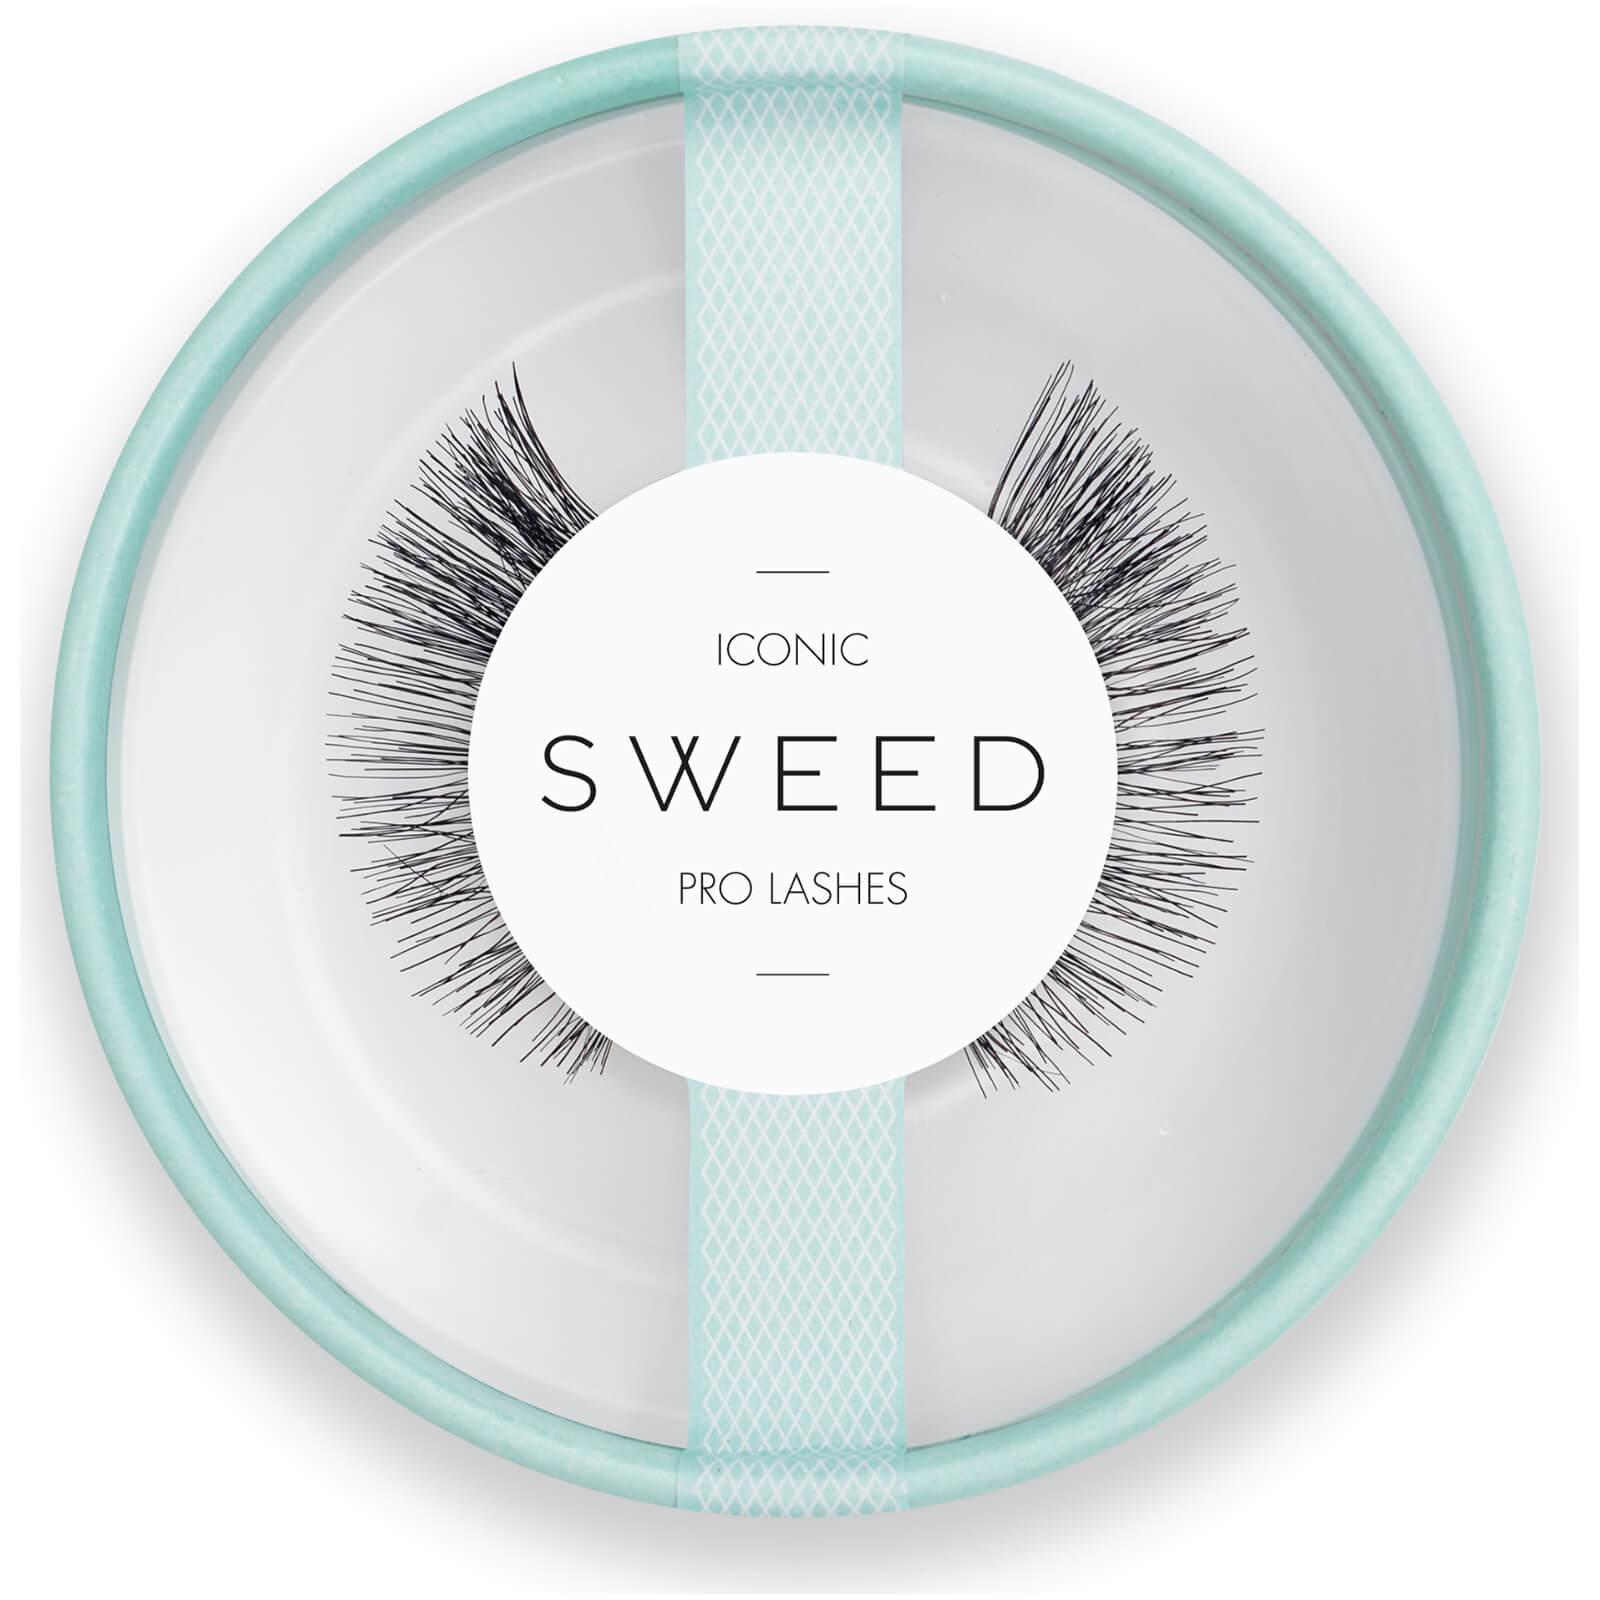 Купить Sweed Lashes Iconic - Black